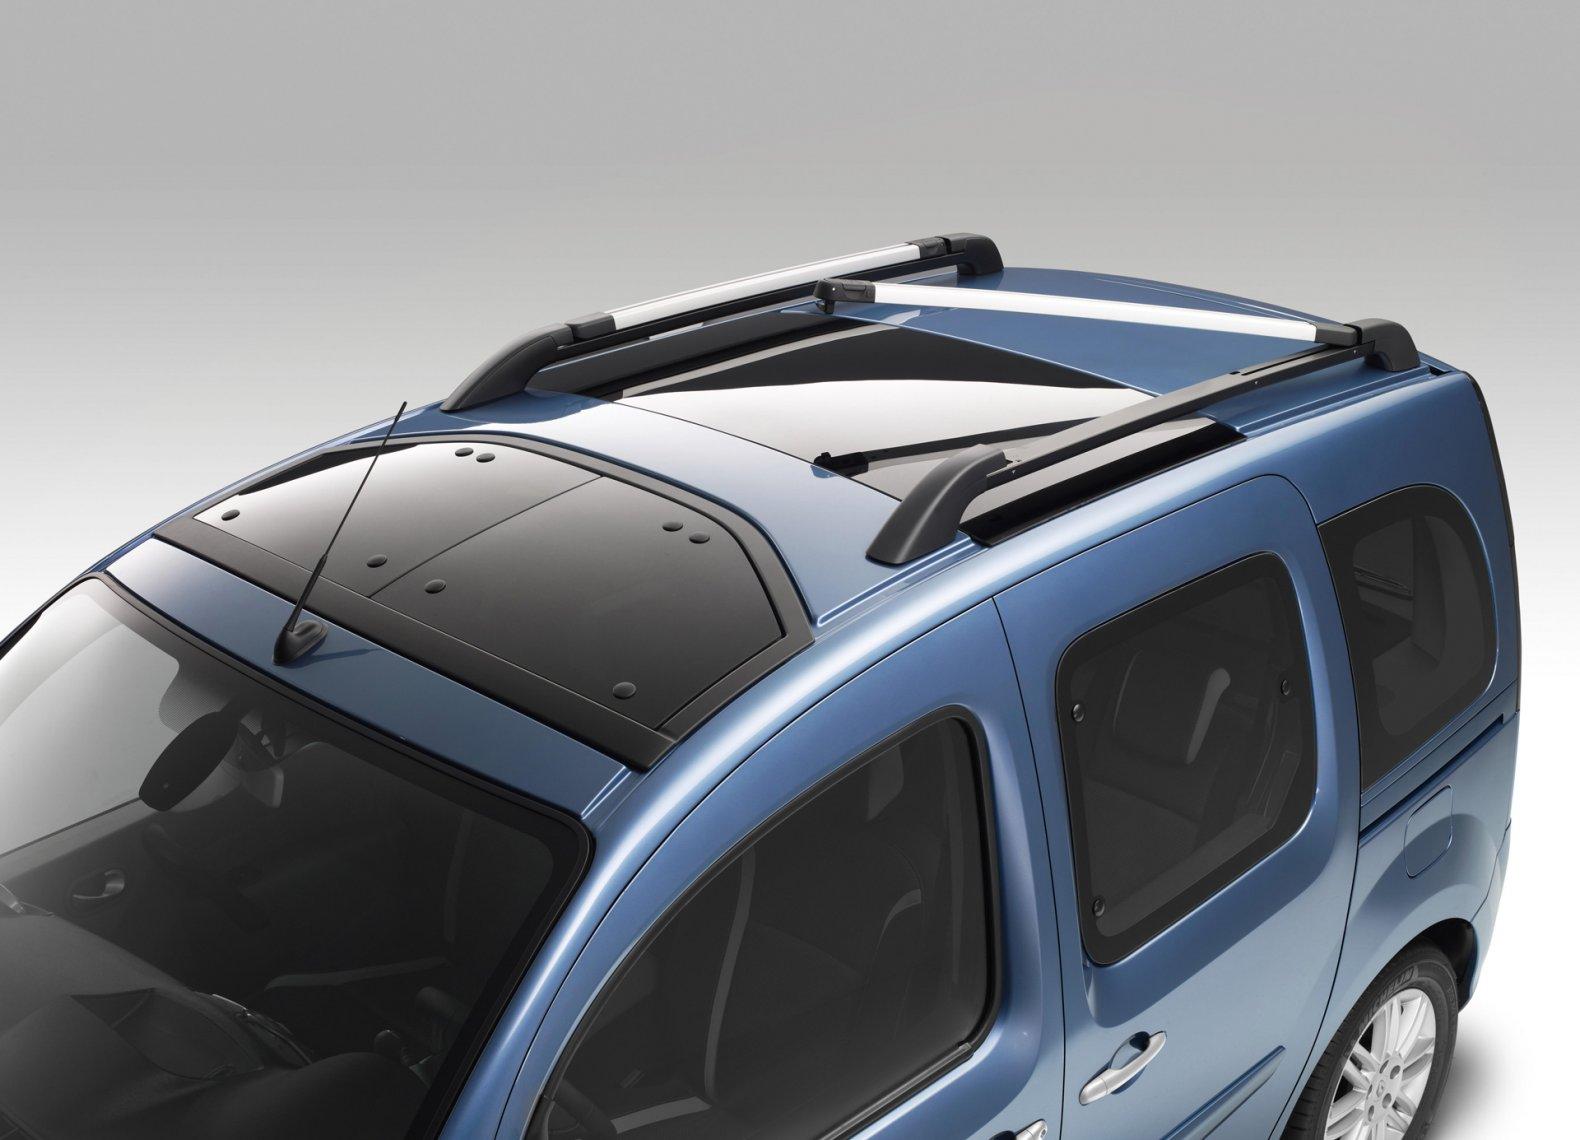 Можно ли купить багажник на крышу для Hyundai Accent